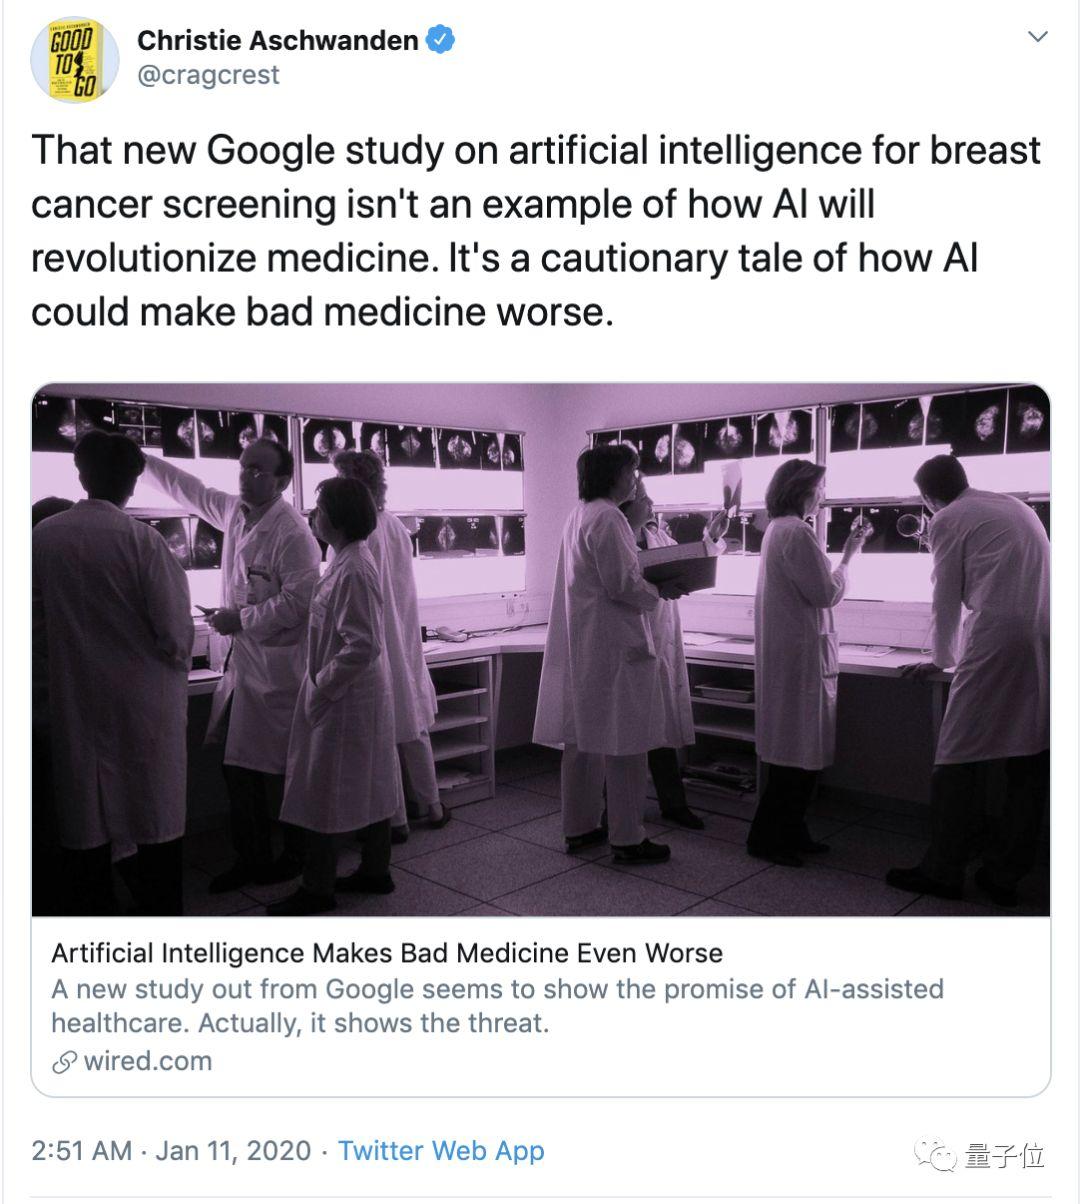 谷歌AI乳腺癌检测超过人类?美国知名记者:让糟糕的医疗更糟罢了